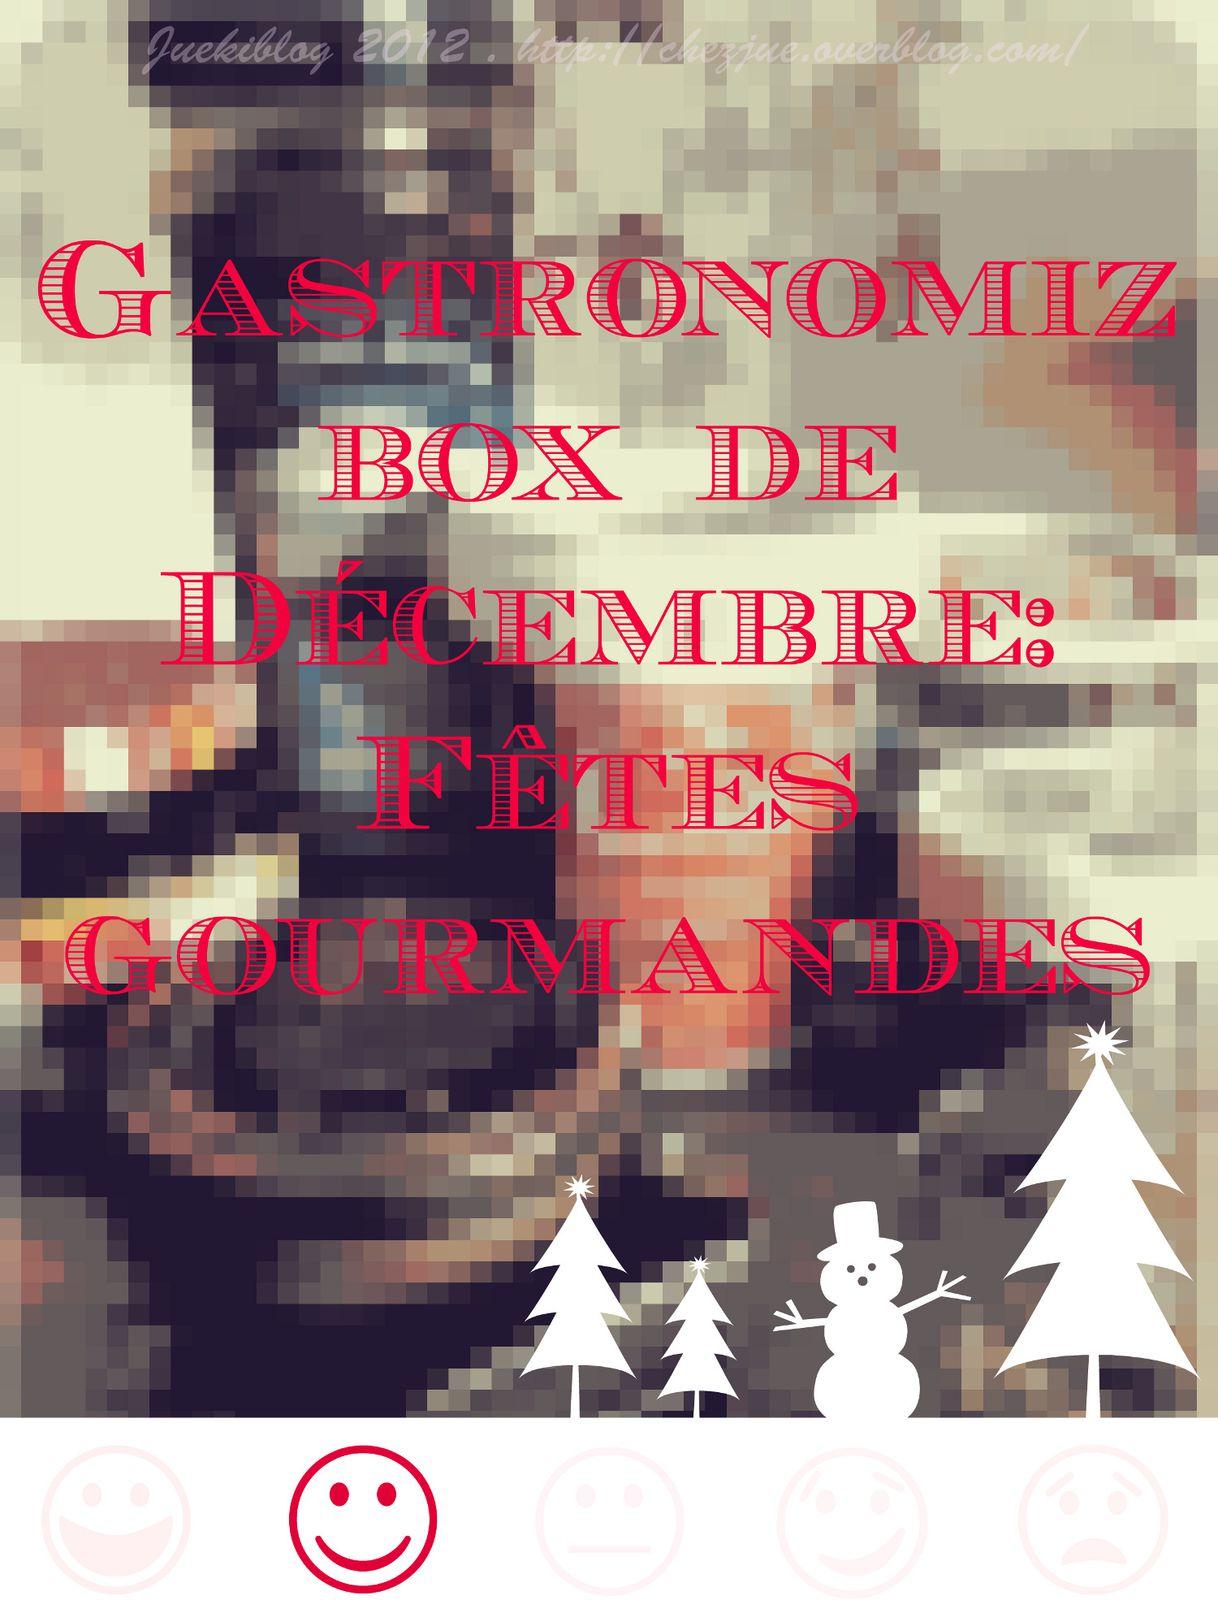 La gastronomiz box de décembre, on prépare des fêtes gourmandes